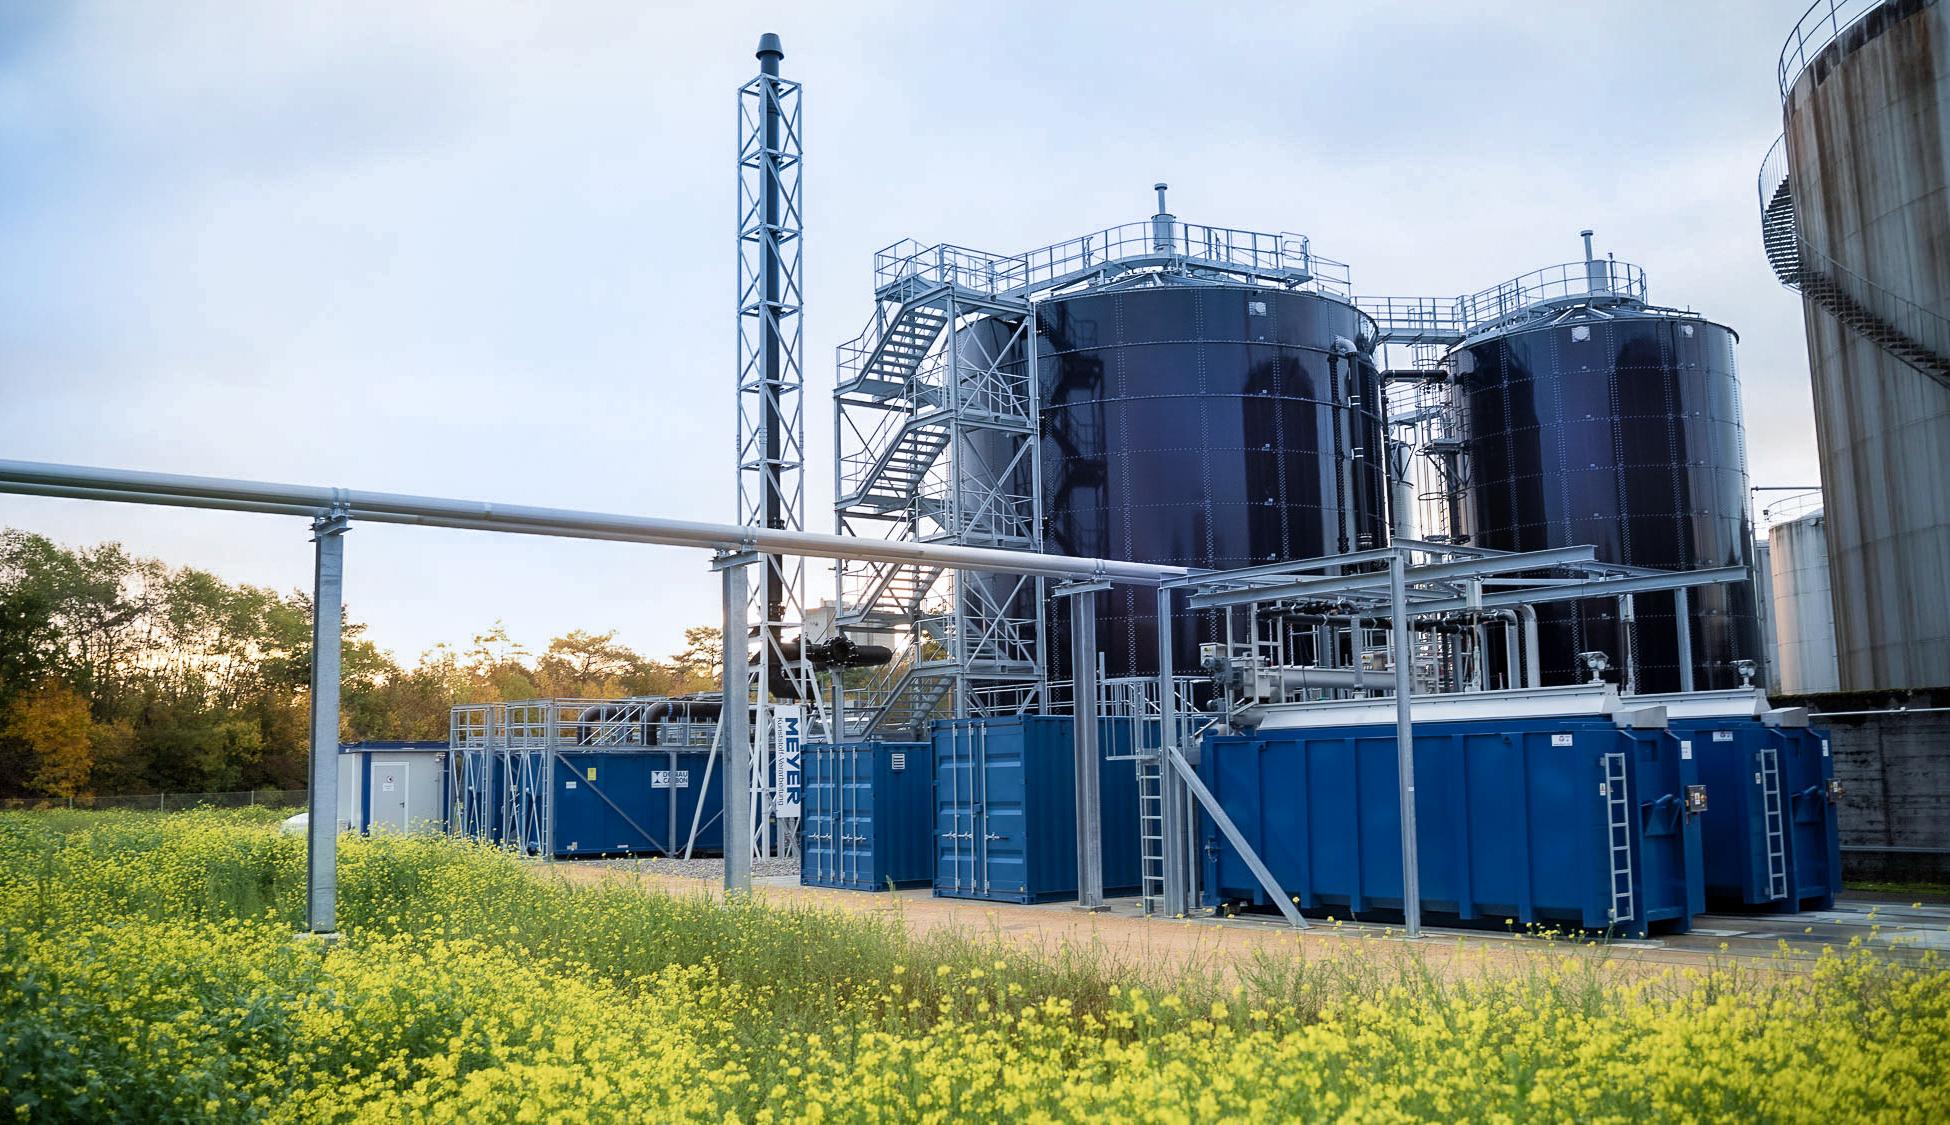 Komplettiert wurde die biologische Abwasserreinigung auf kundenspezifischen Wunsch schließlich durch Anlagen zur Entwässerung und Abfüllung des Schlammes, eine Anlage zur Abluftreinigung und einen großen Treppenturm.